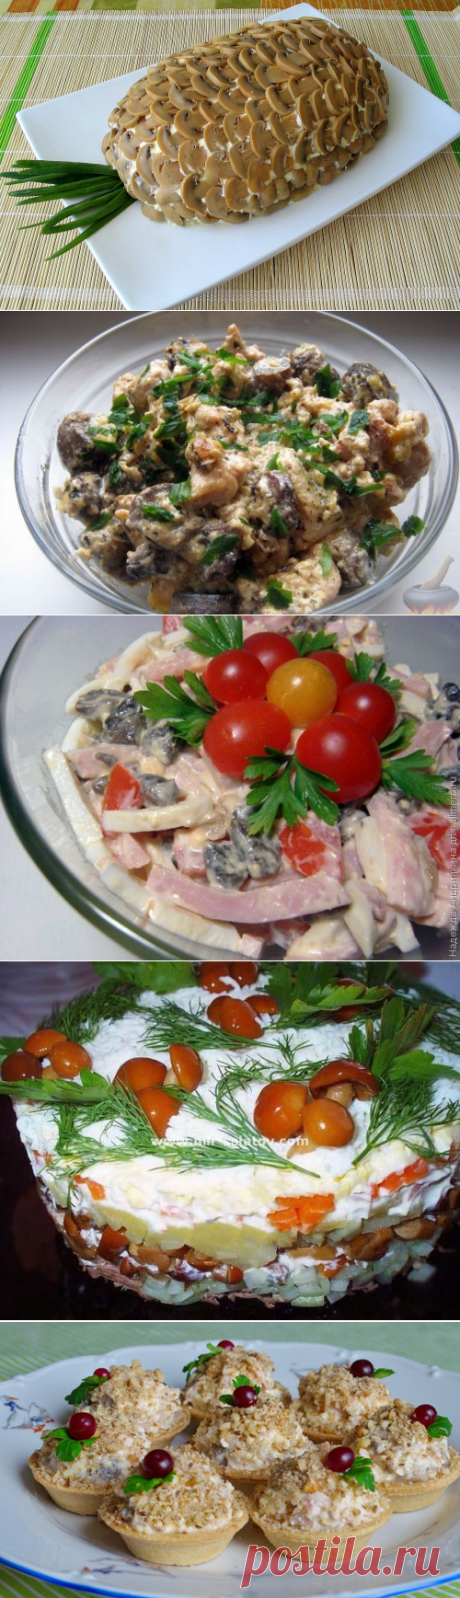 Самые вкусные салаты с грибами » Женский Мир